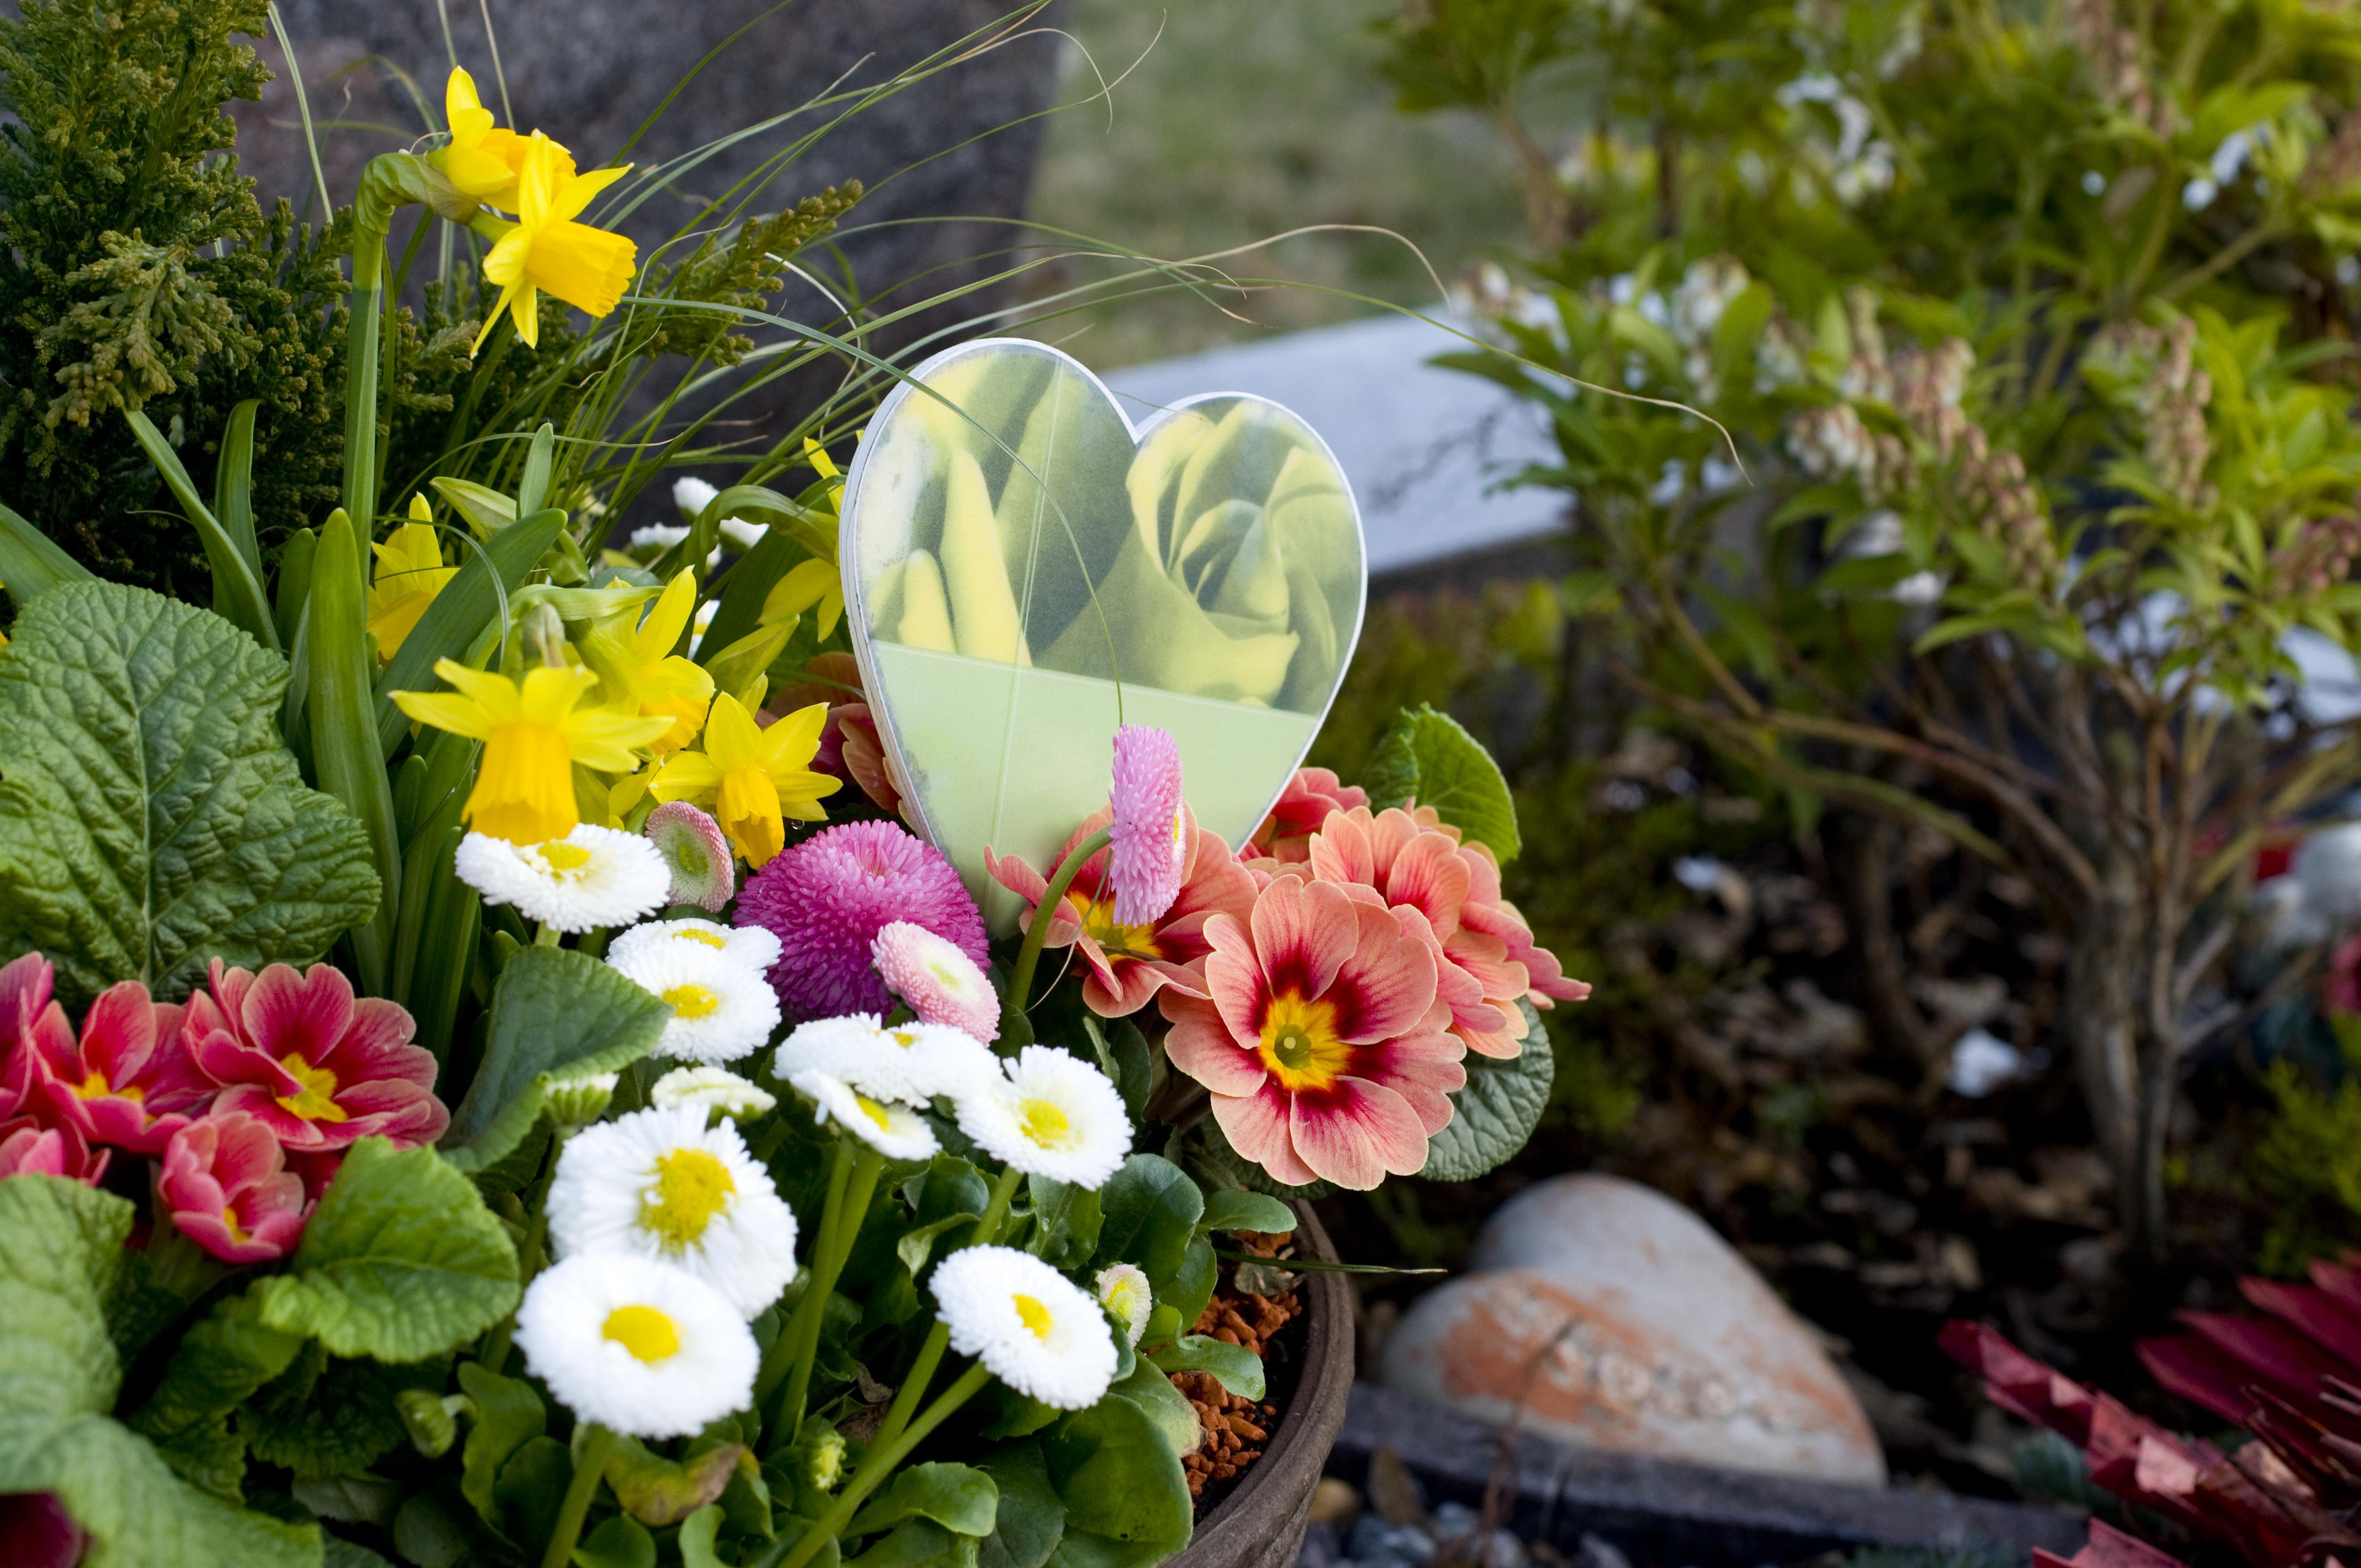 fleurs toussaint livraison fleurs sur tombe interflora. Black Bedroom Furniture Sets. Home Design Ideas